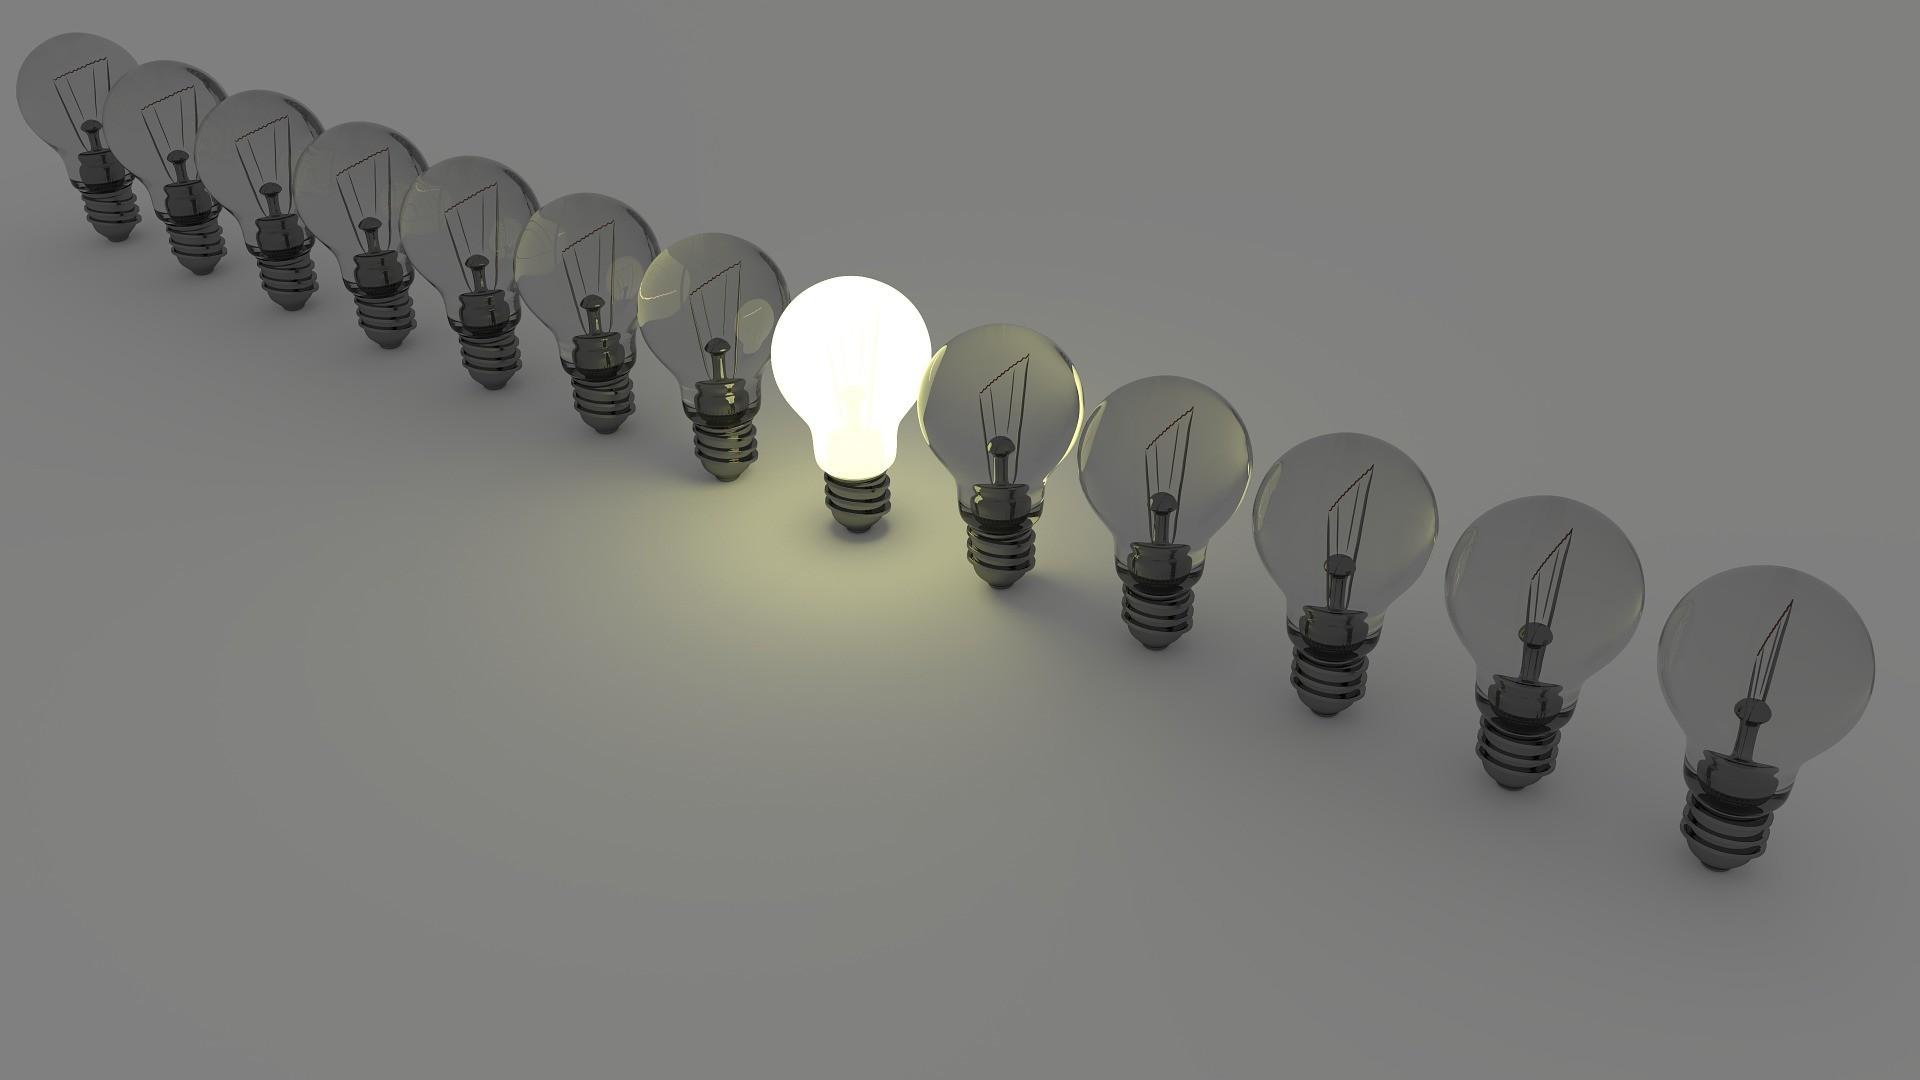 Significado de relevante - Concepto, definición - ¿Qué es relevante?